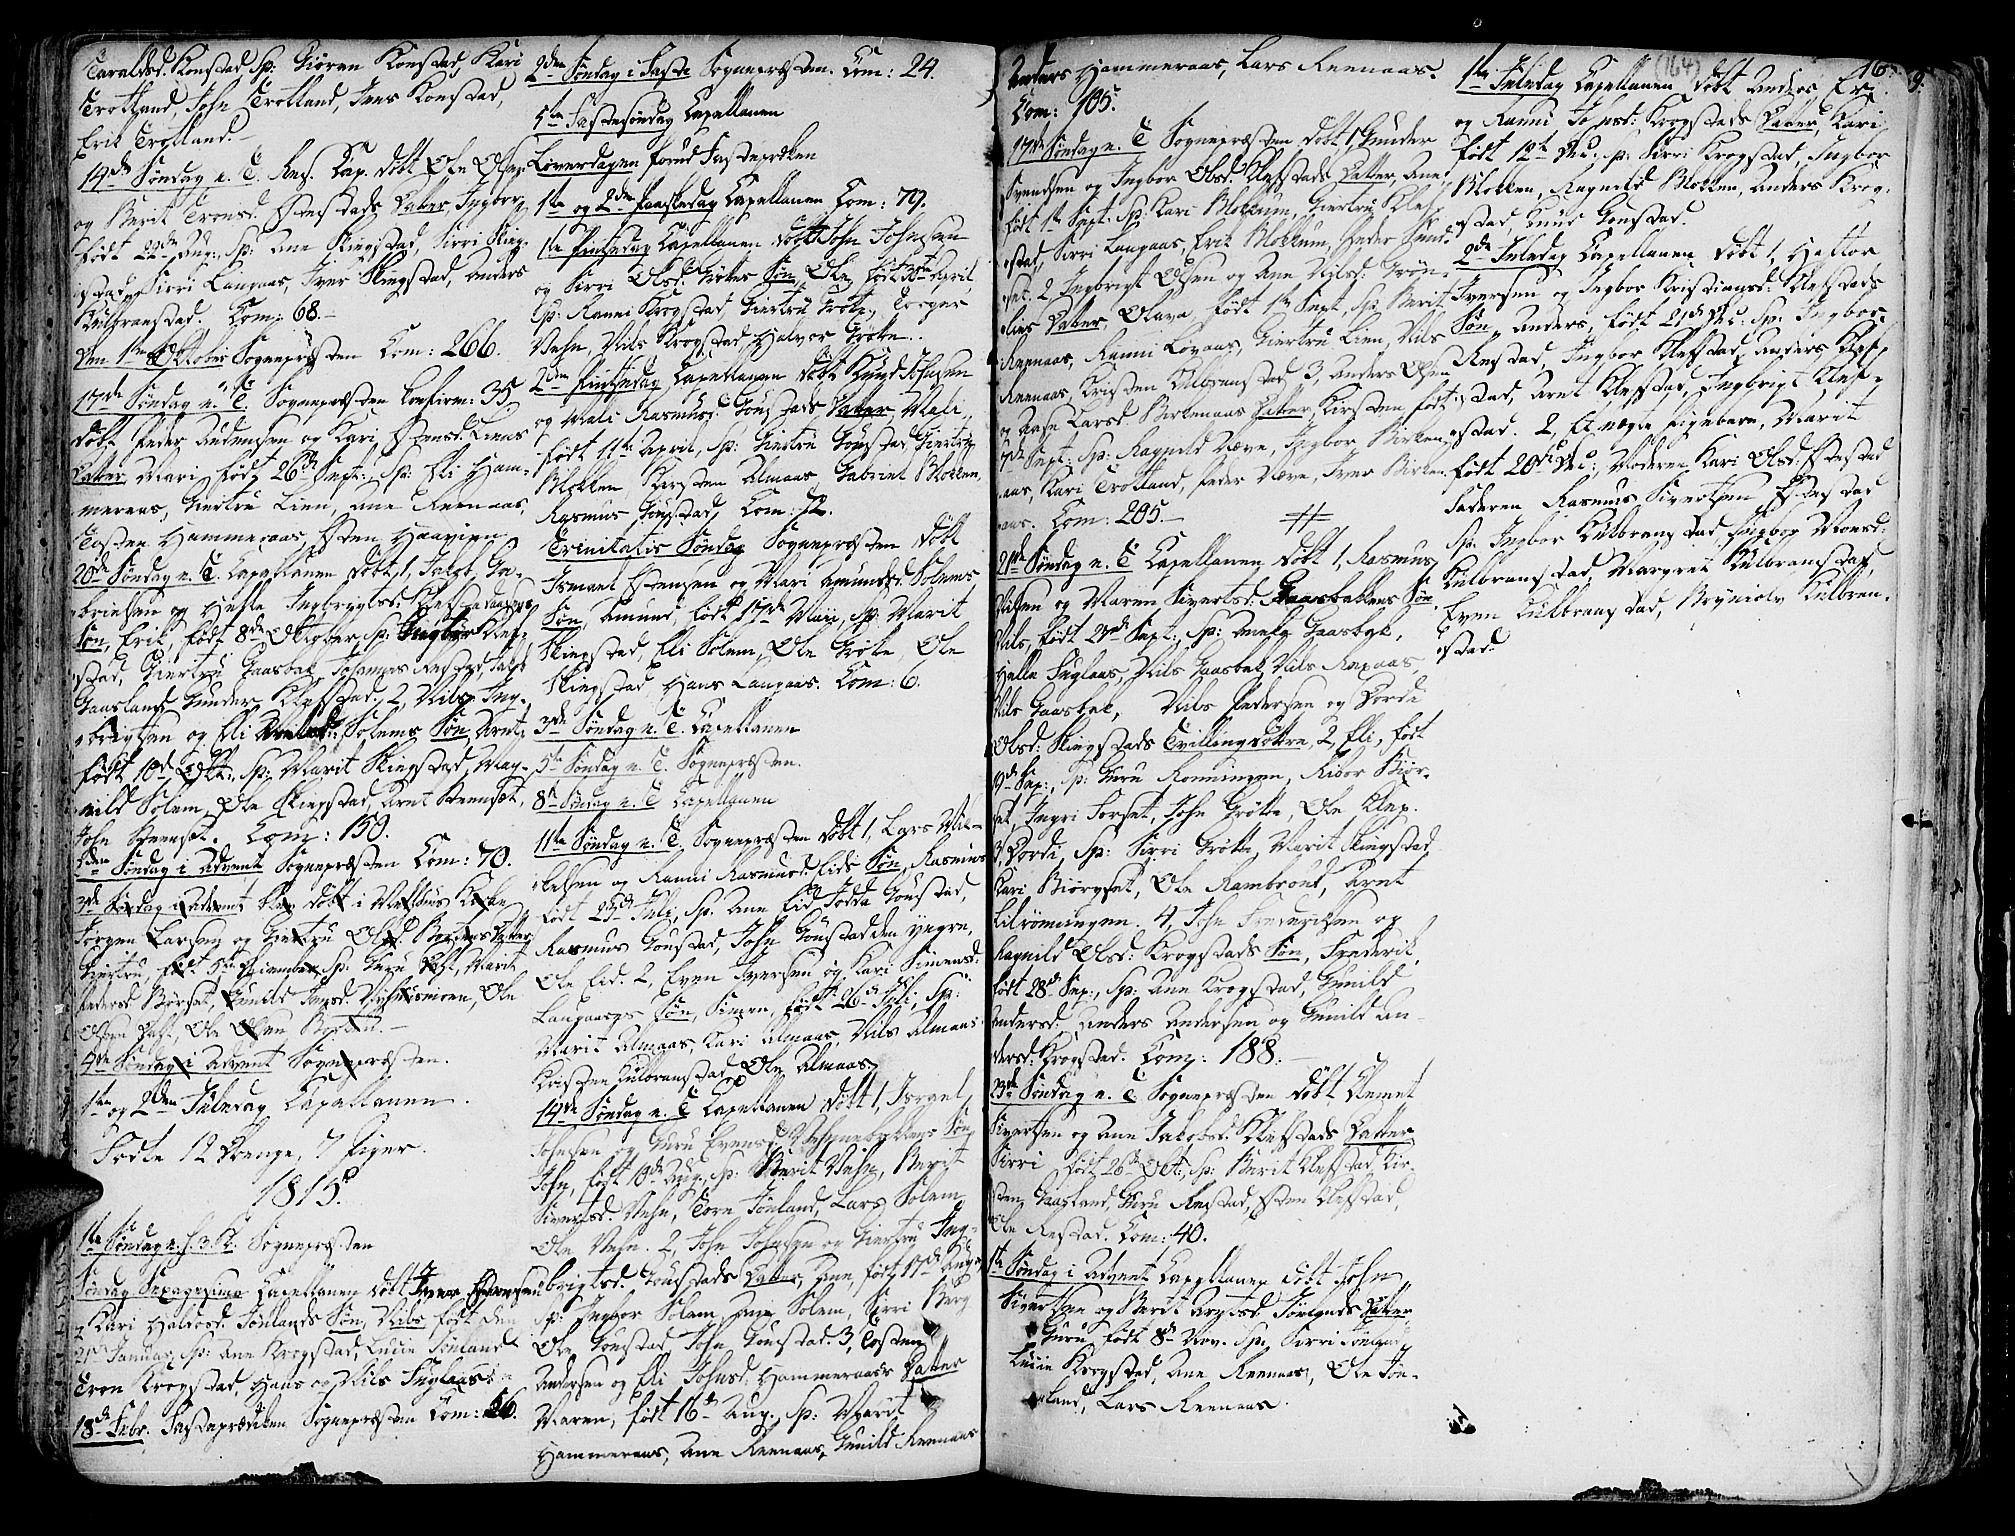 SAT, Ministerialprotokoller, klokkerbøker og fødselsregistre - Sør-Trøndelag, 691/L1064: Ministerialbok nr. 691A02 /4, 1768-1815, s. 164